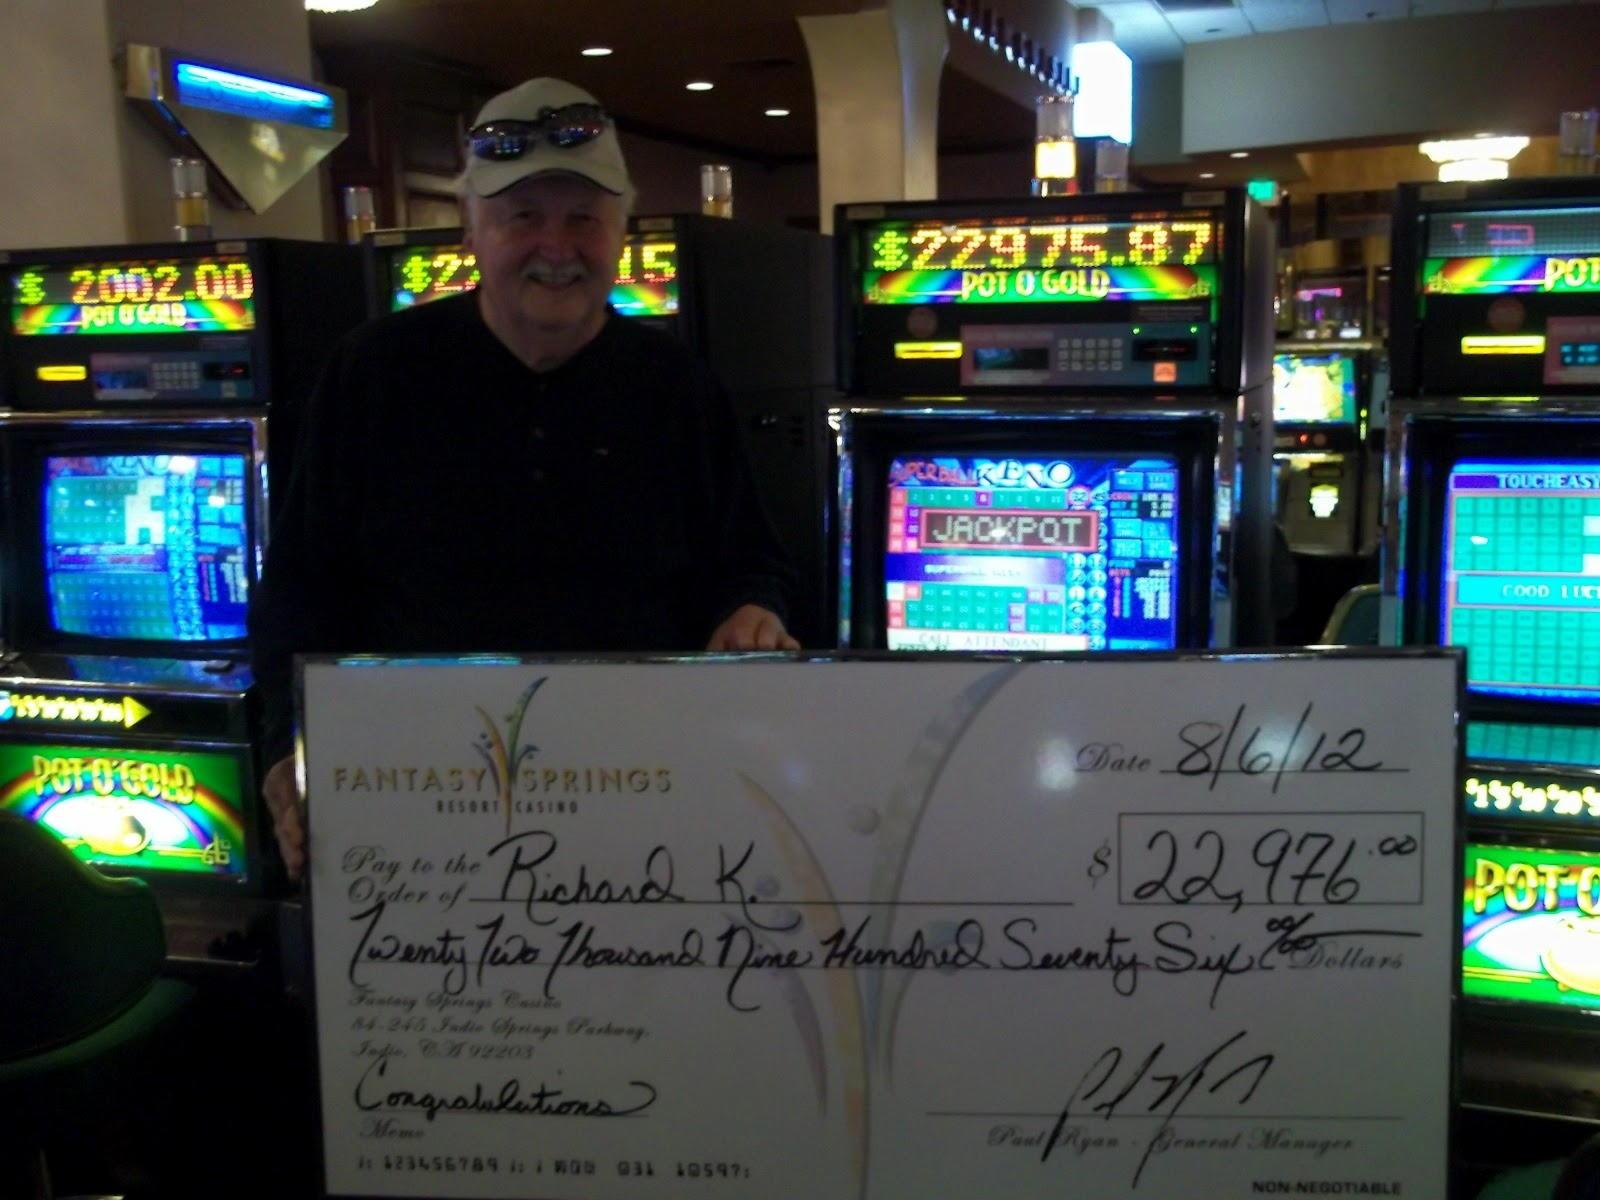 EUR 160 no deposit casino bonus at Cyber Club Casino